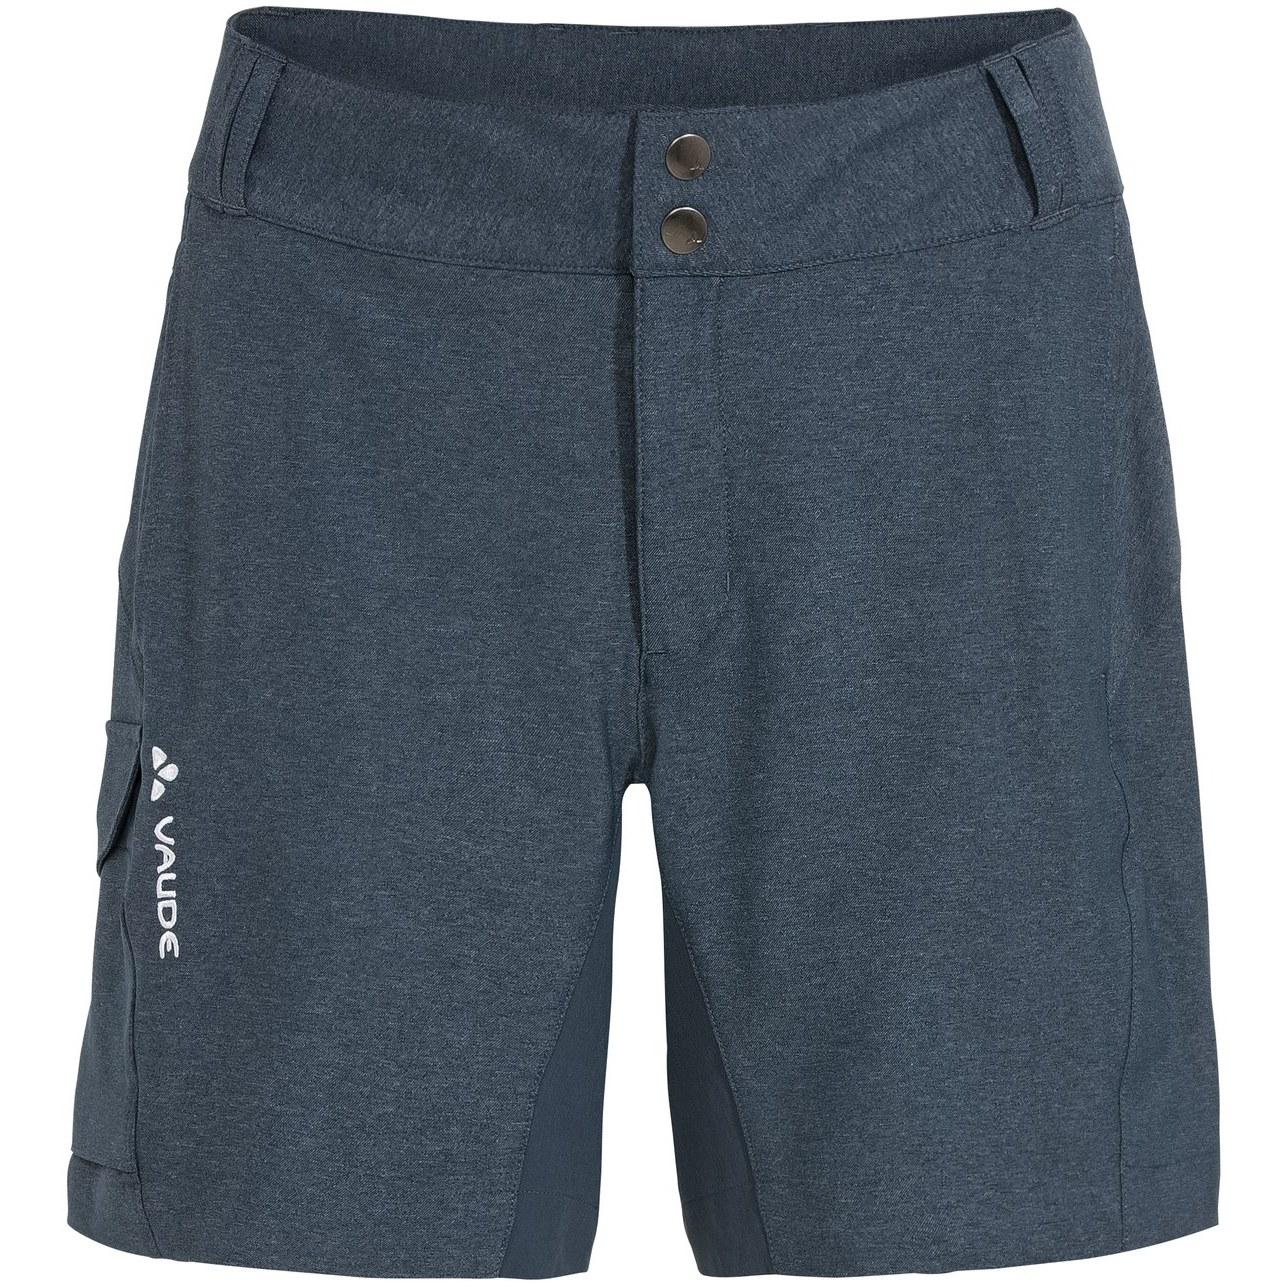 Vaude Tremalzini Damen Shorts - steelblue